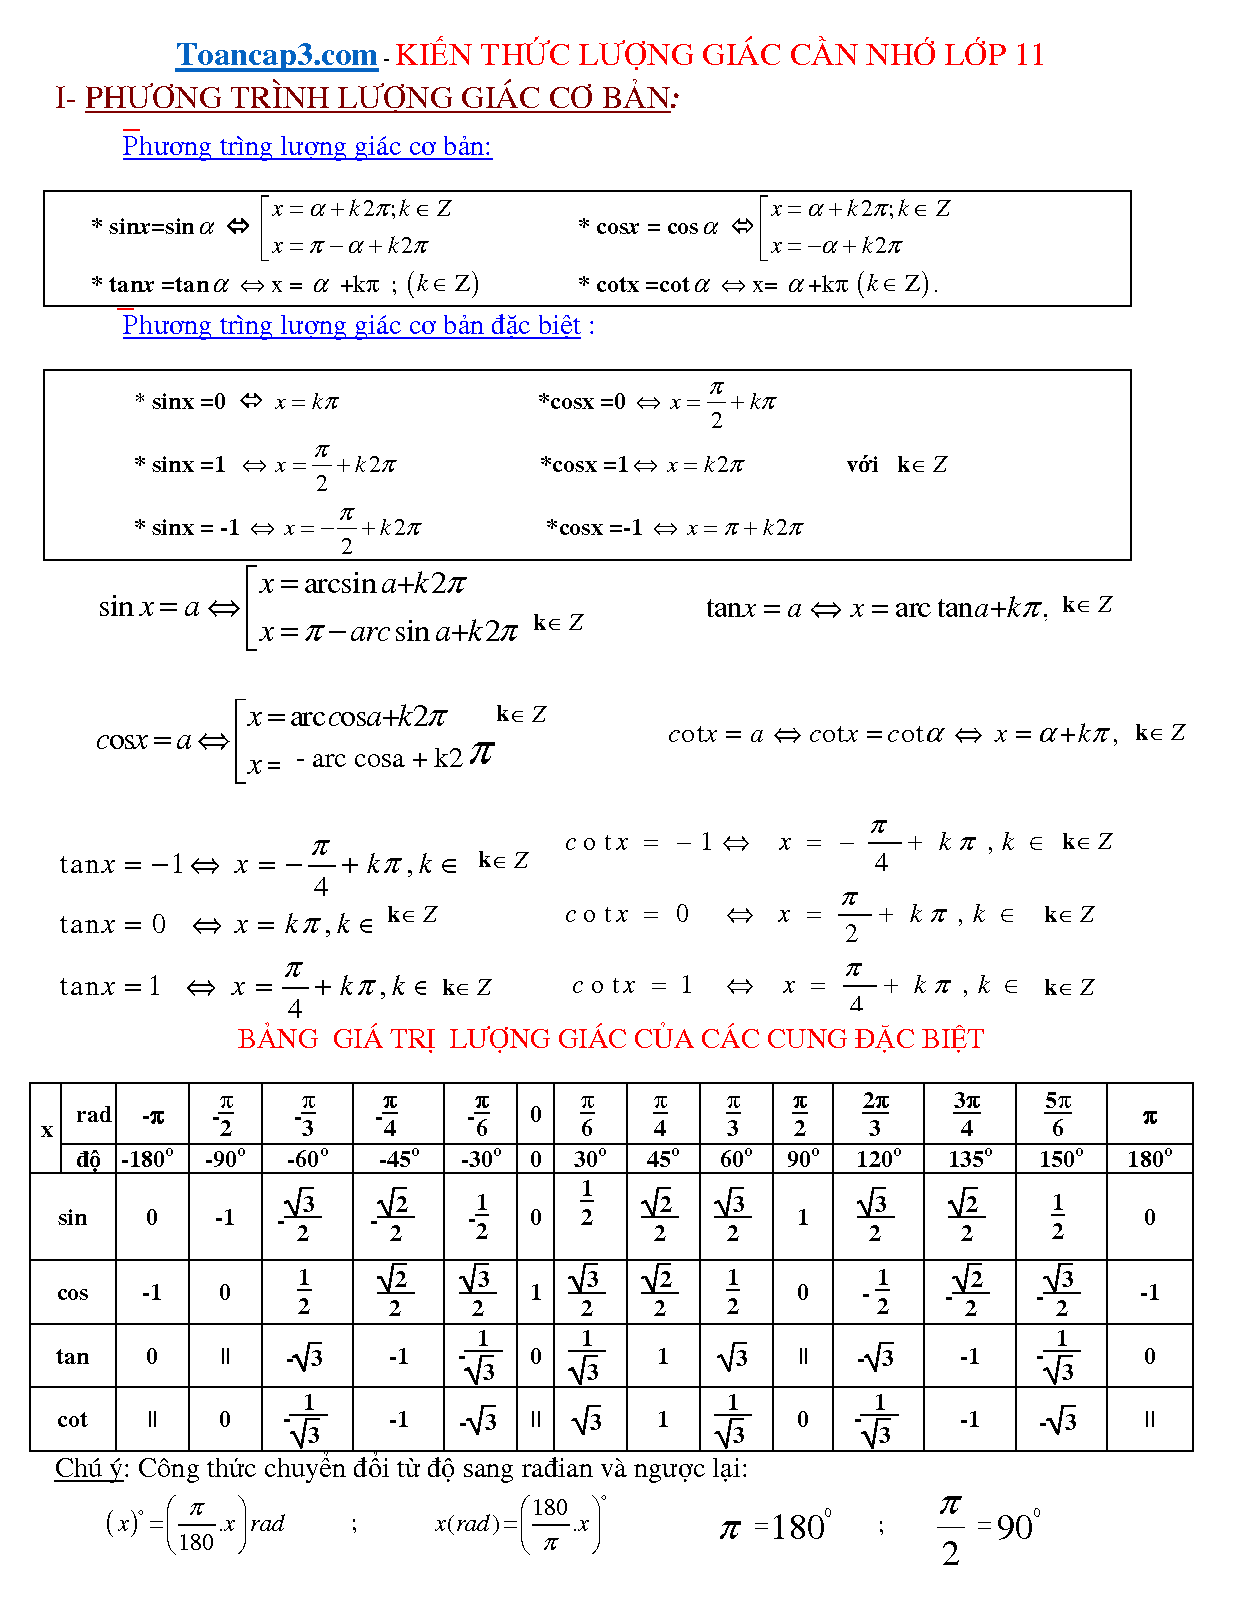 tổng hợp công thức lượng giác 11